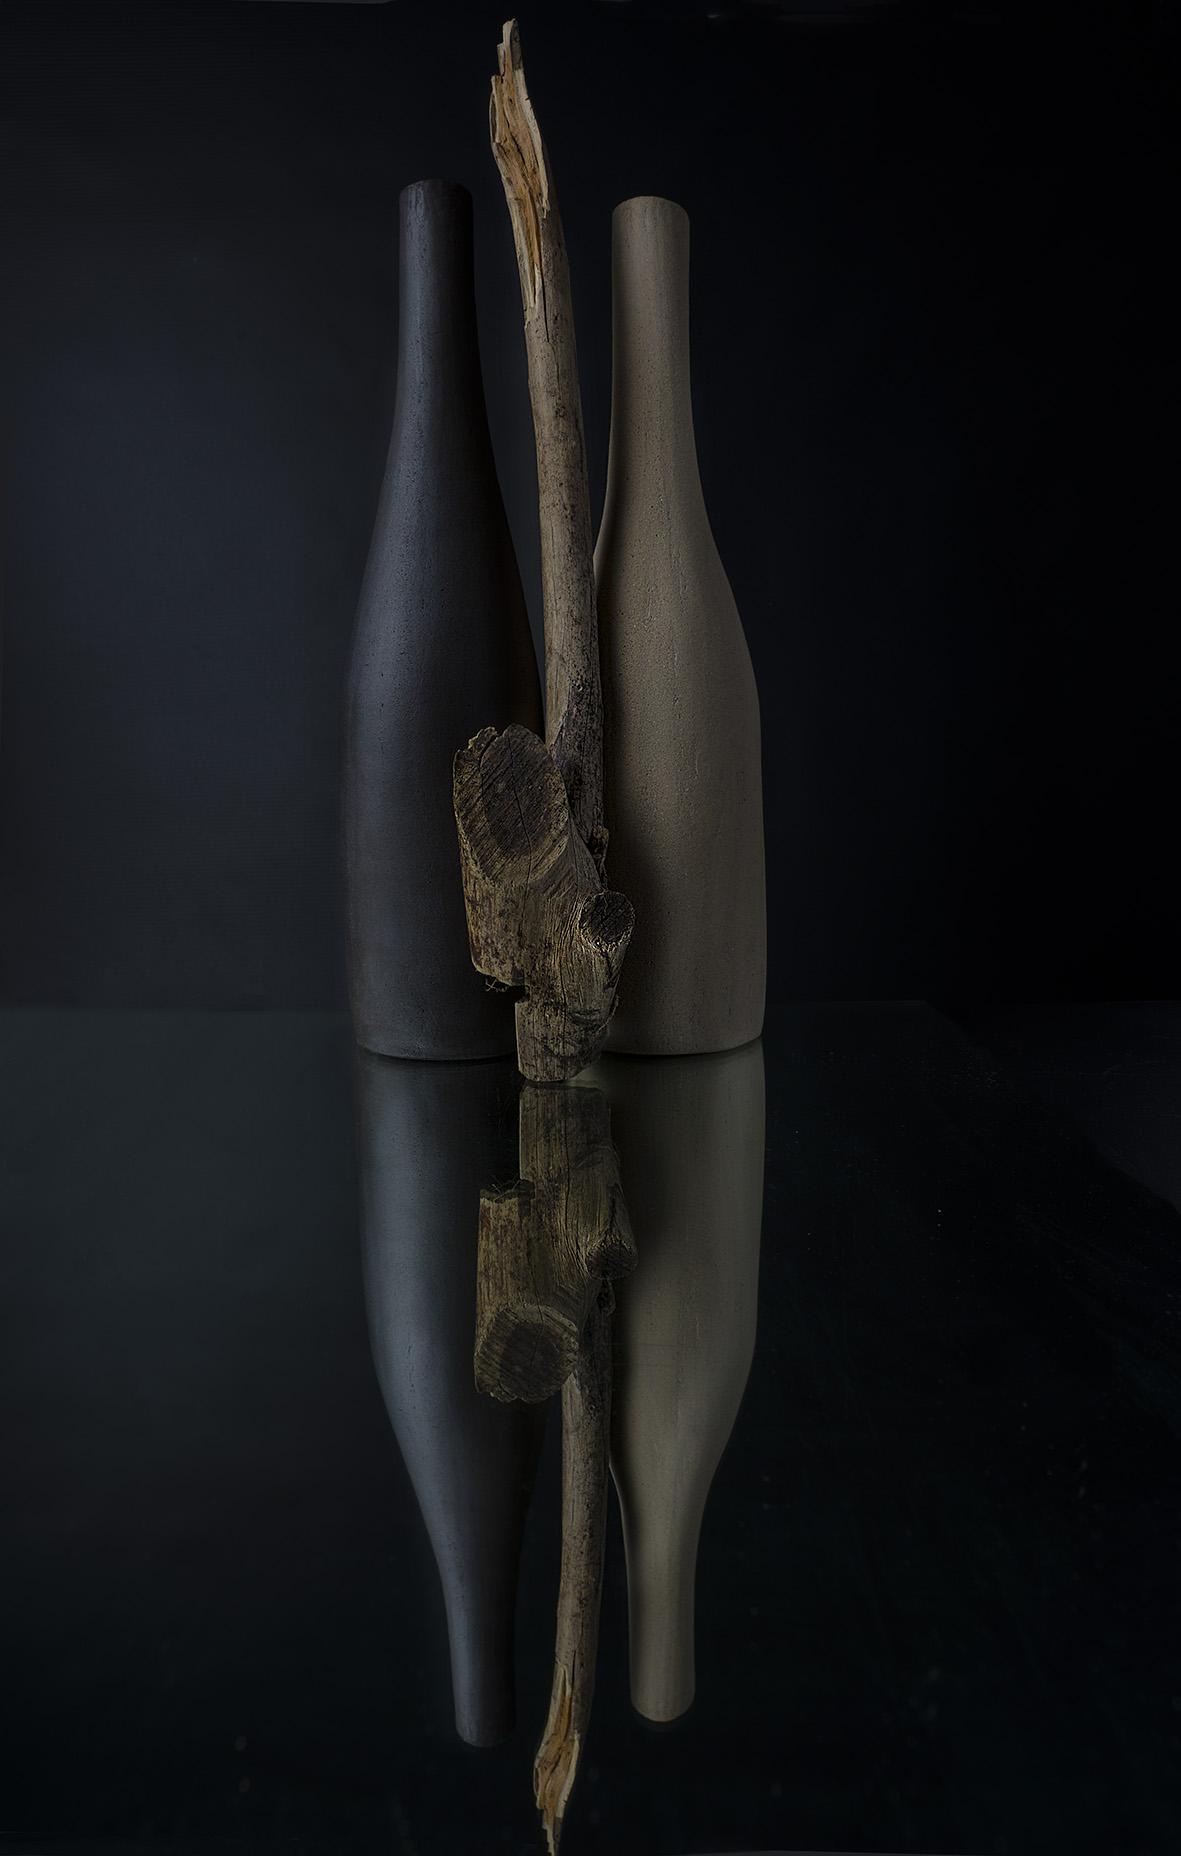 Bouteilles en grès brut Céramique Cécile Vazeille Photographies Diane Ducruet